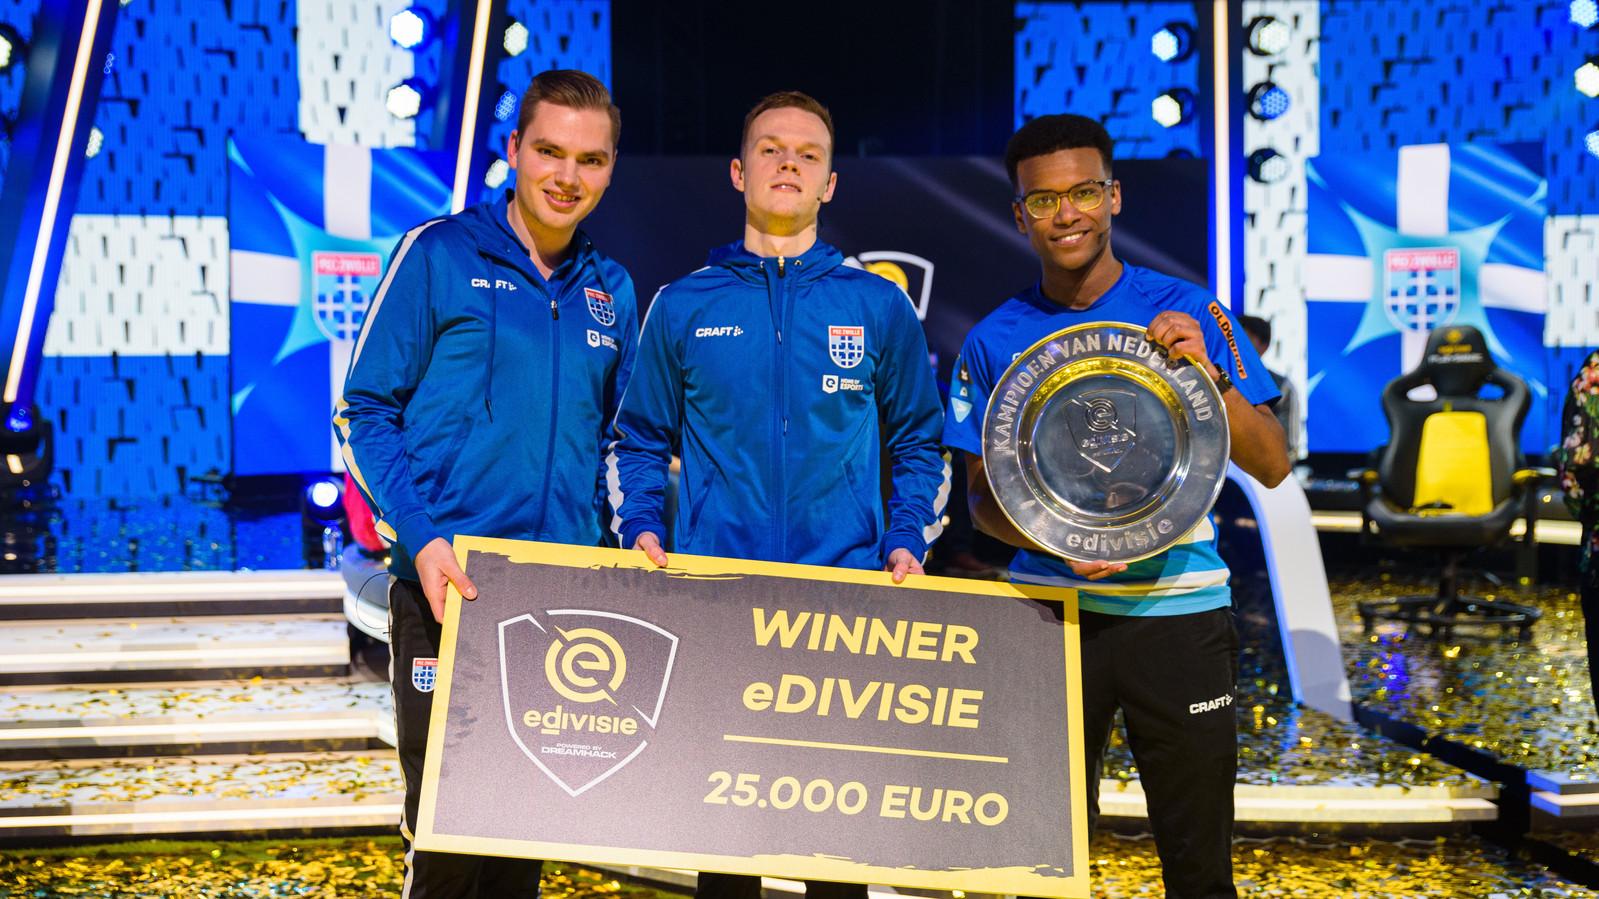 Begin 2020 wonnen Tony Kok (midden) en Jonas Ghebrehiwot (rechts) 25.000 euro door de finale van de eDivisie in AFAS Live te winnen.